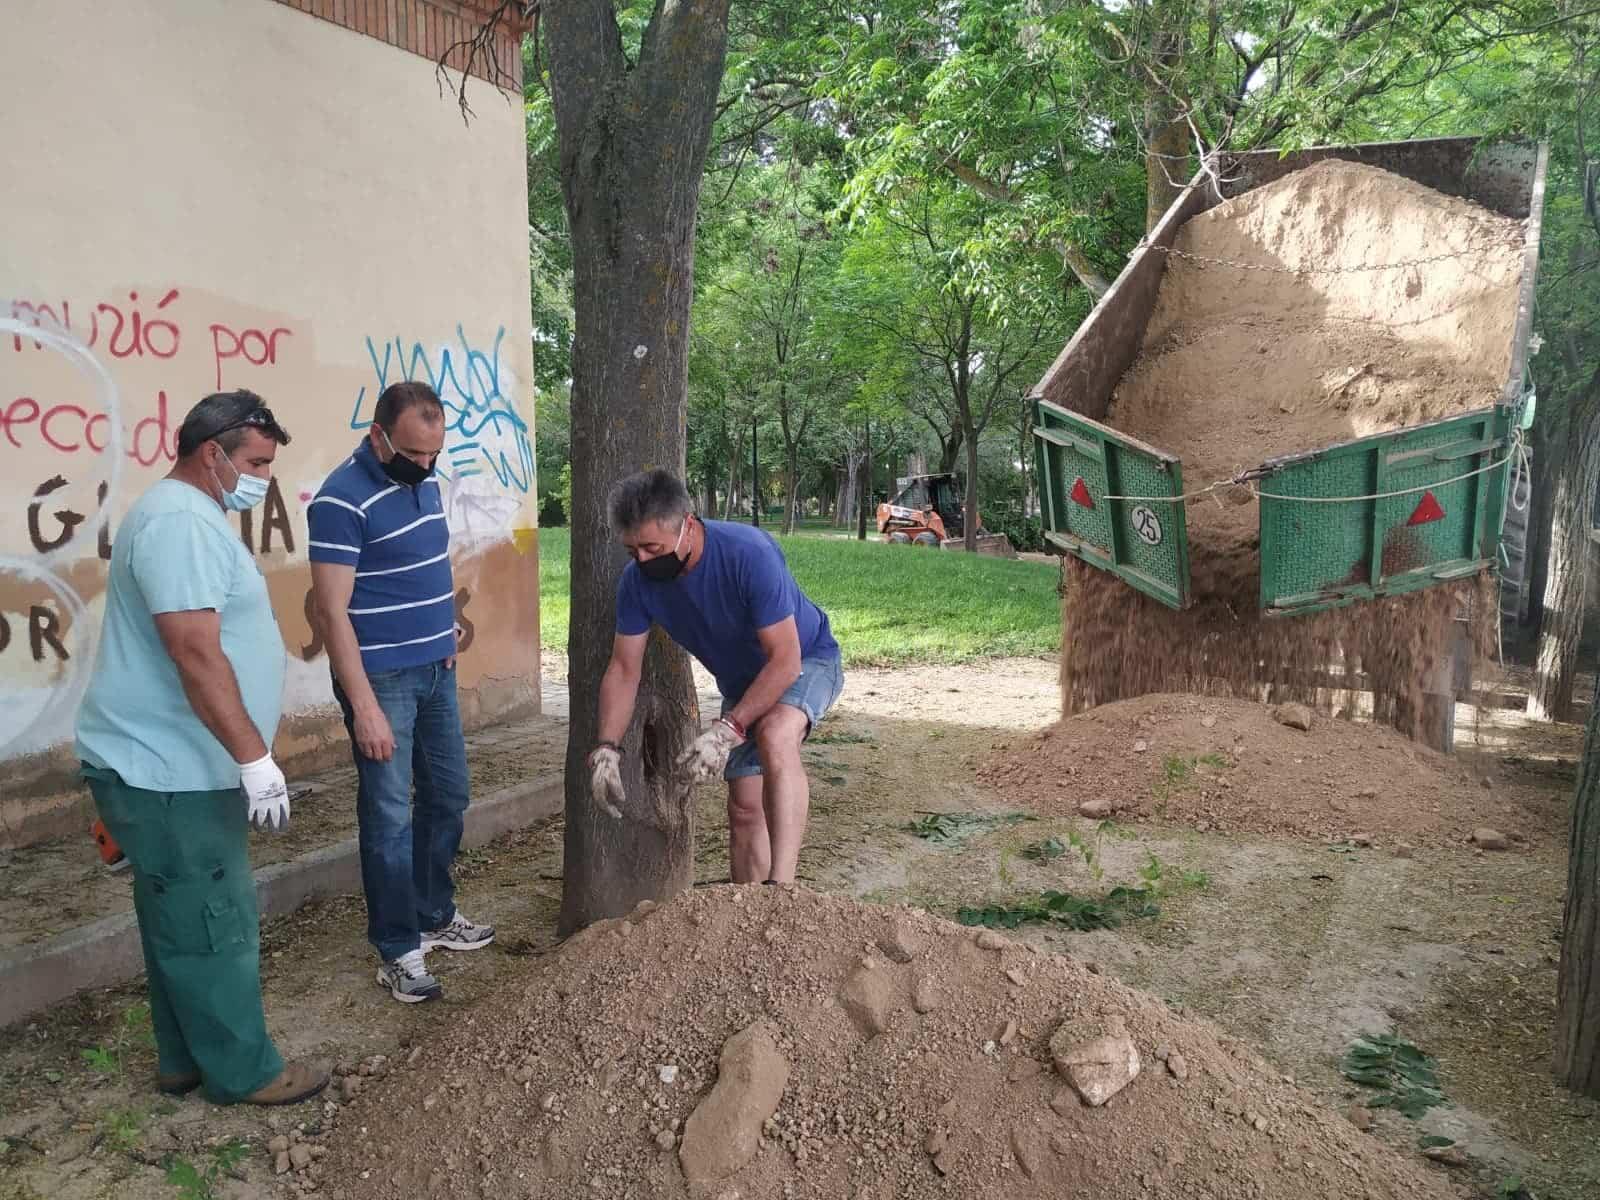 mantenimiento parque municipal herencia 1 - El Parque Municipal de Herencia finaliza sus obras de remodelación